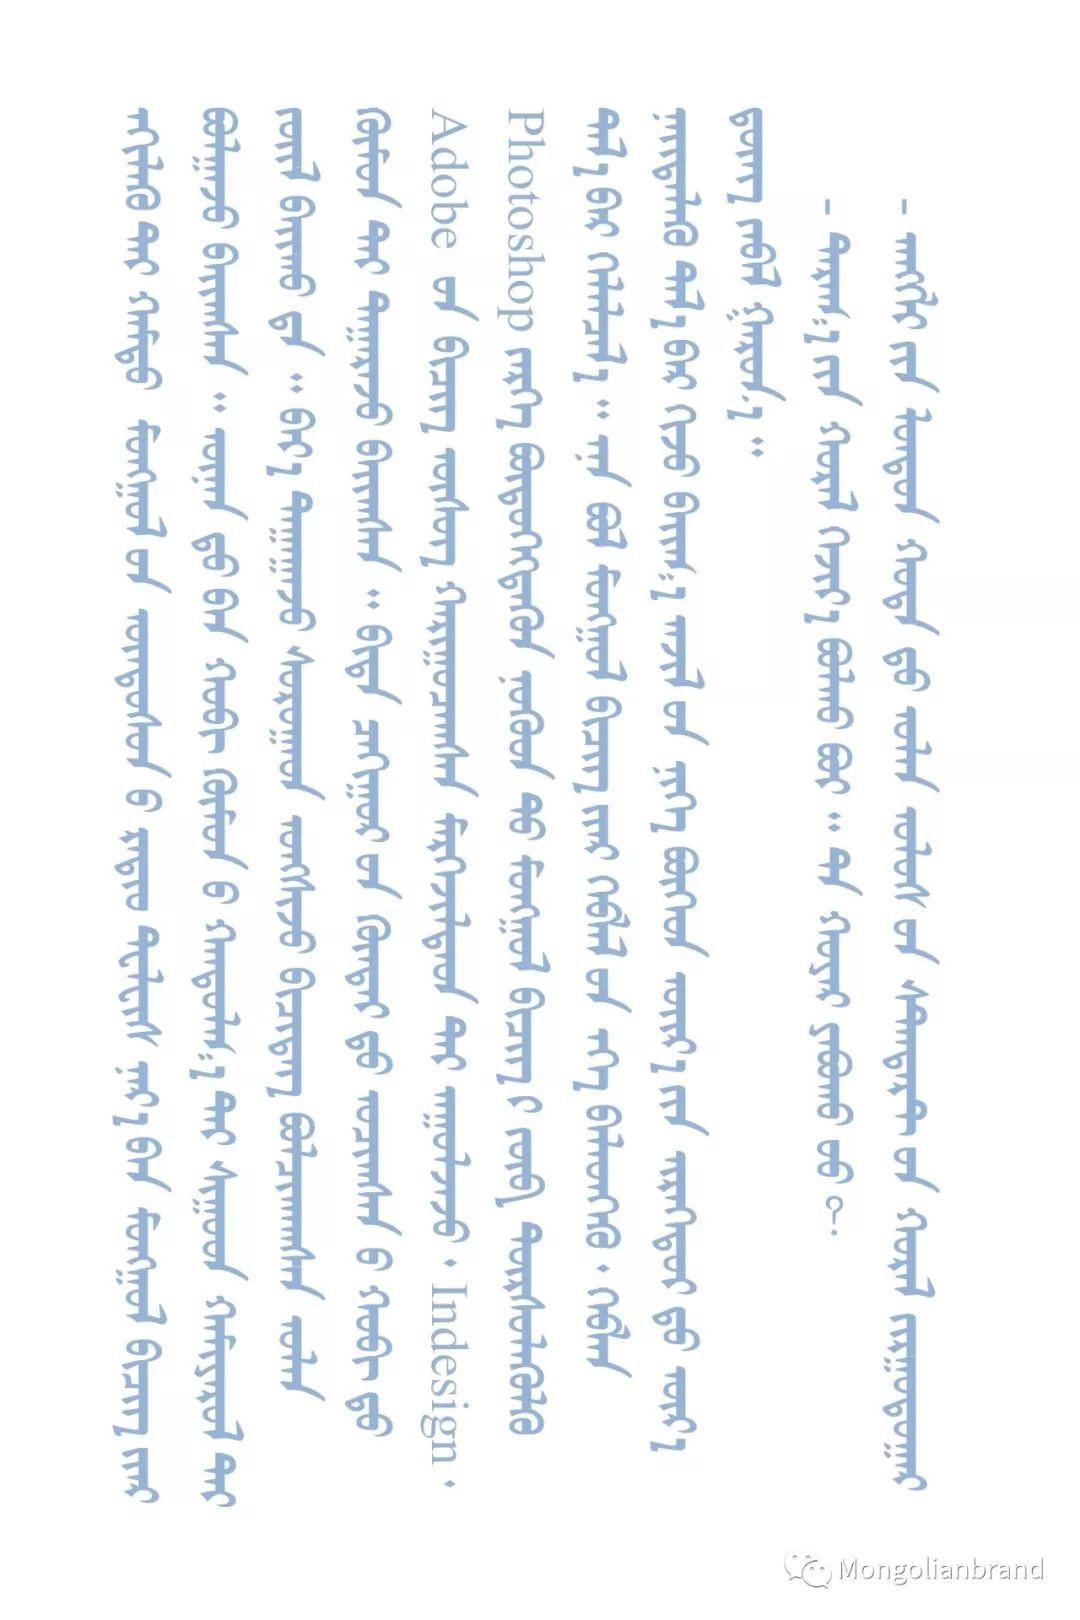 蒙古字体设计专家Jamiyansuren:让每个蒙古人掌握传统蒙古文是我们的终极目标 第17张 蒙古字体设计专家Jamiyansuren:让每个蒙古人掌握传统蒙古文是我们的终极目标 蒙古文化